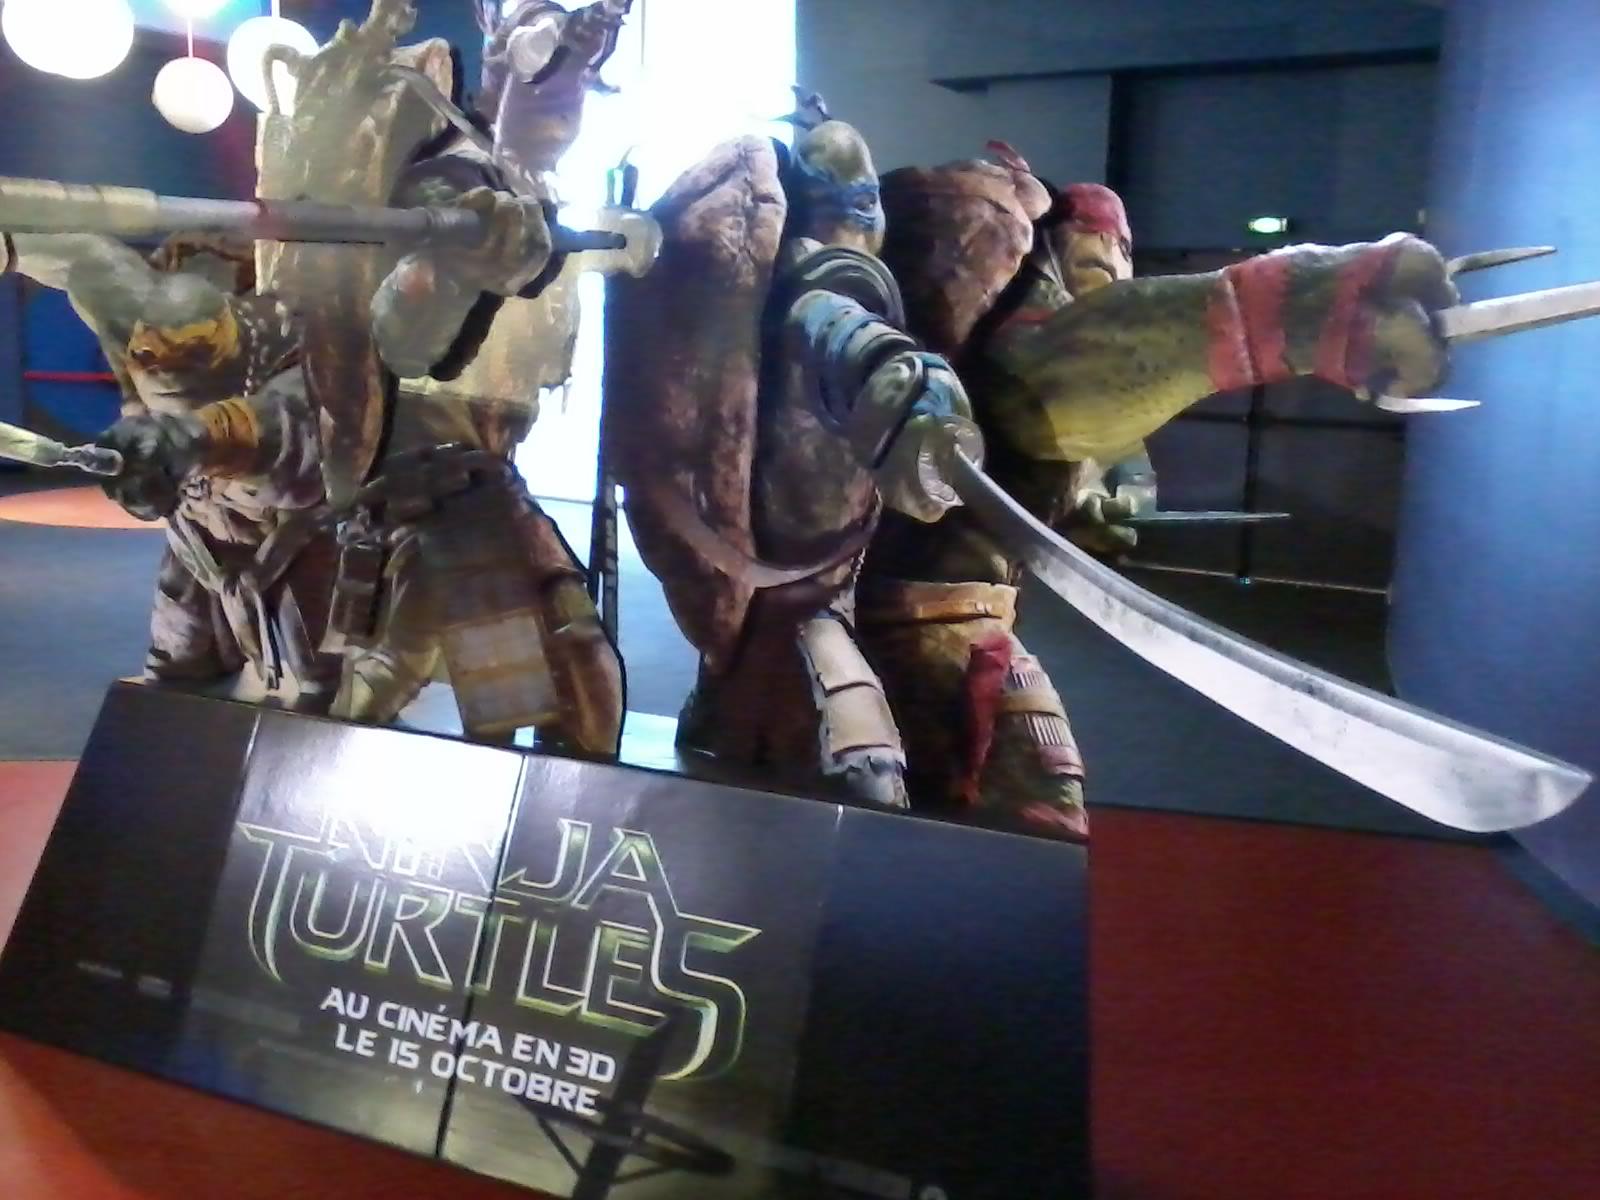 Tortues Ninjas, Tortues Ninjas COWABUNGA Le Cri Des Ninjas